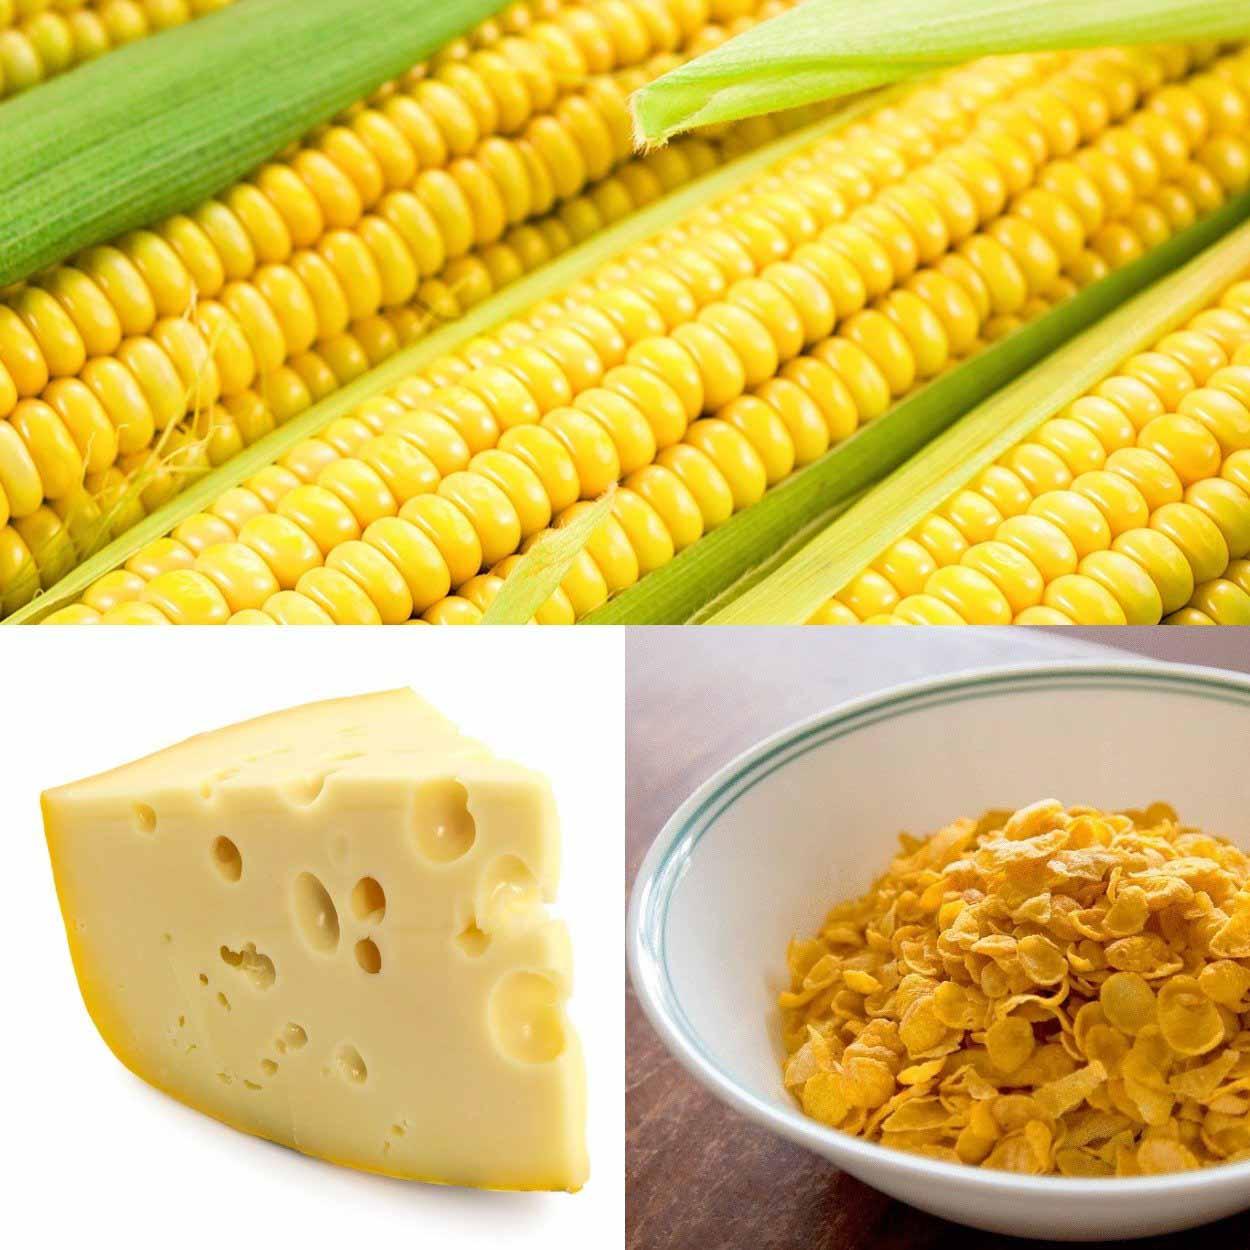 Врачи рекомендуют отказаться от хлопьев, кукурузы и дешевого сыра